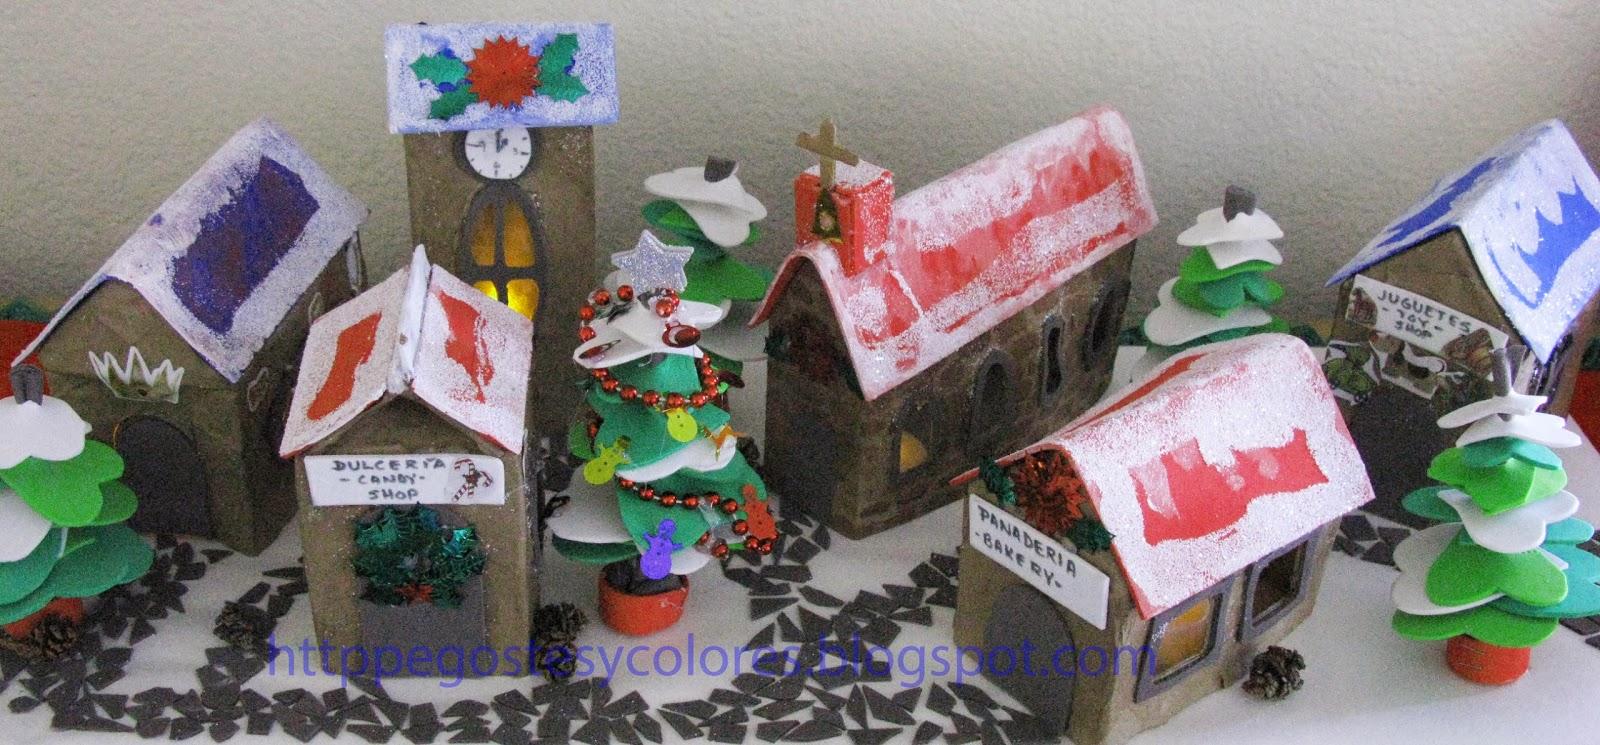 Pegostes y colores aldea de navidad de papel mache y foamy - Casitas de nacimientos de navidad ...